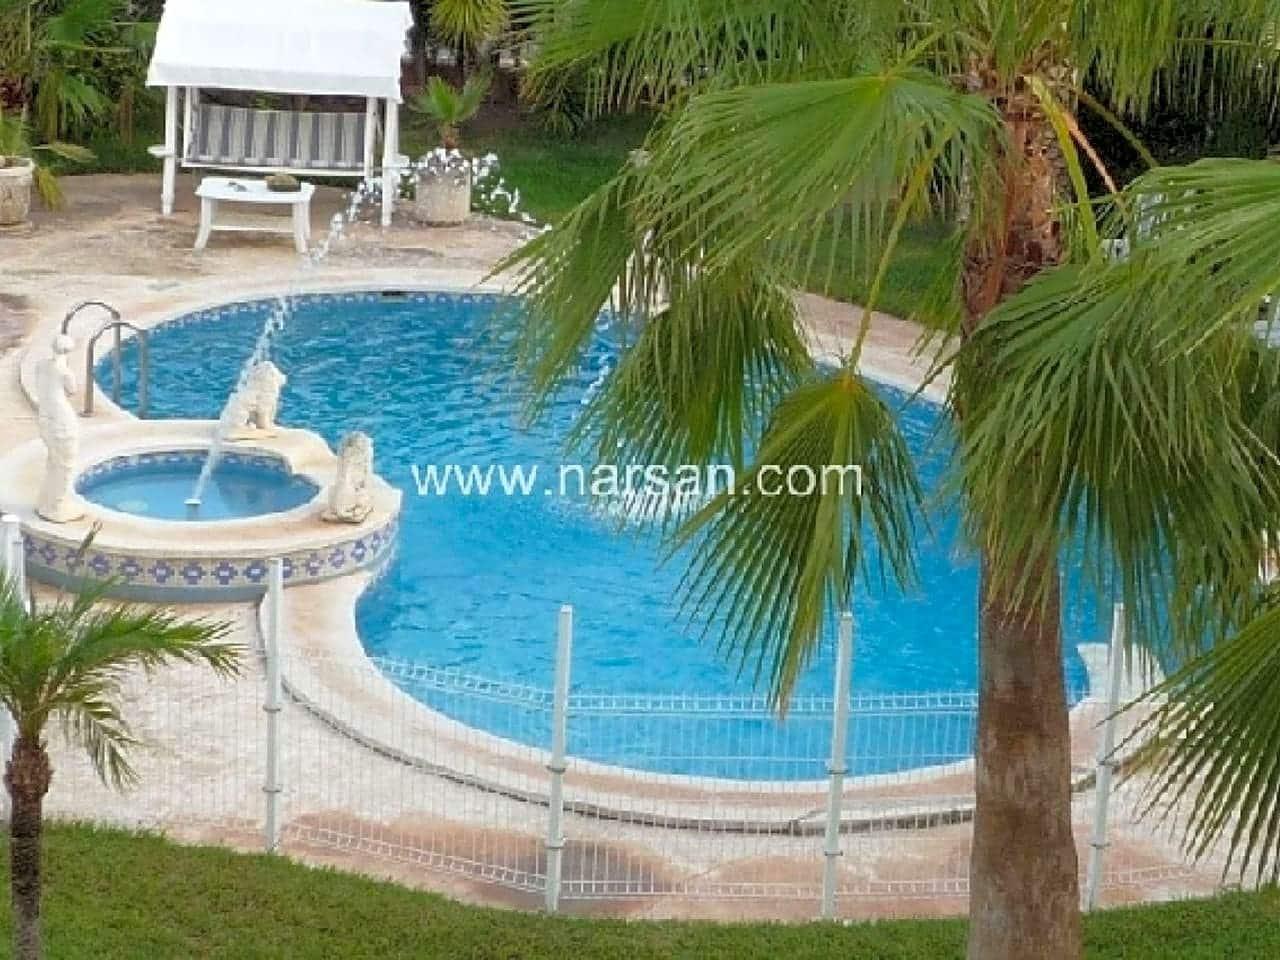 5 makuuhuone Huvila myytävänä paikassa Benicassim mukana uima-altaan - 1 980 000 € (Ref: 5625848)